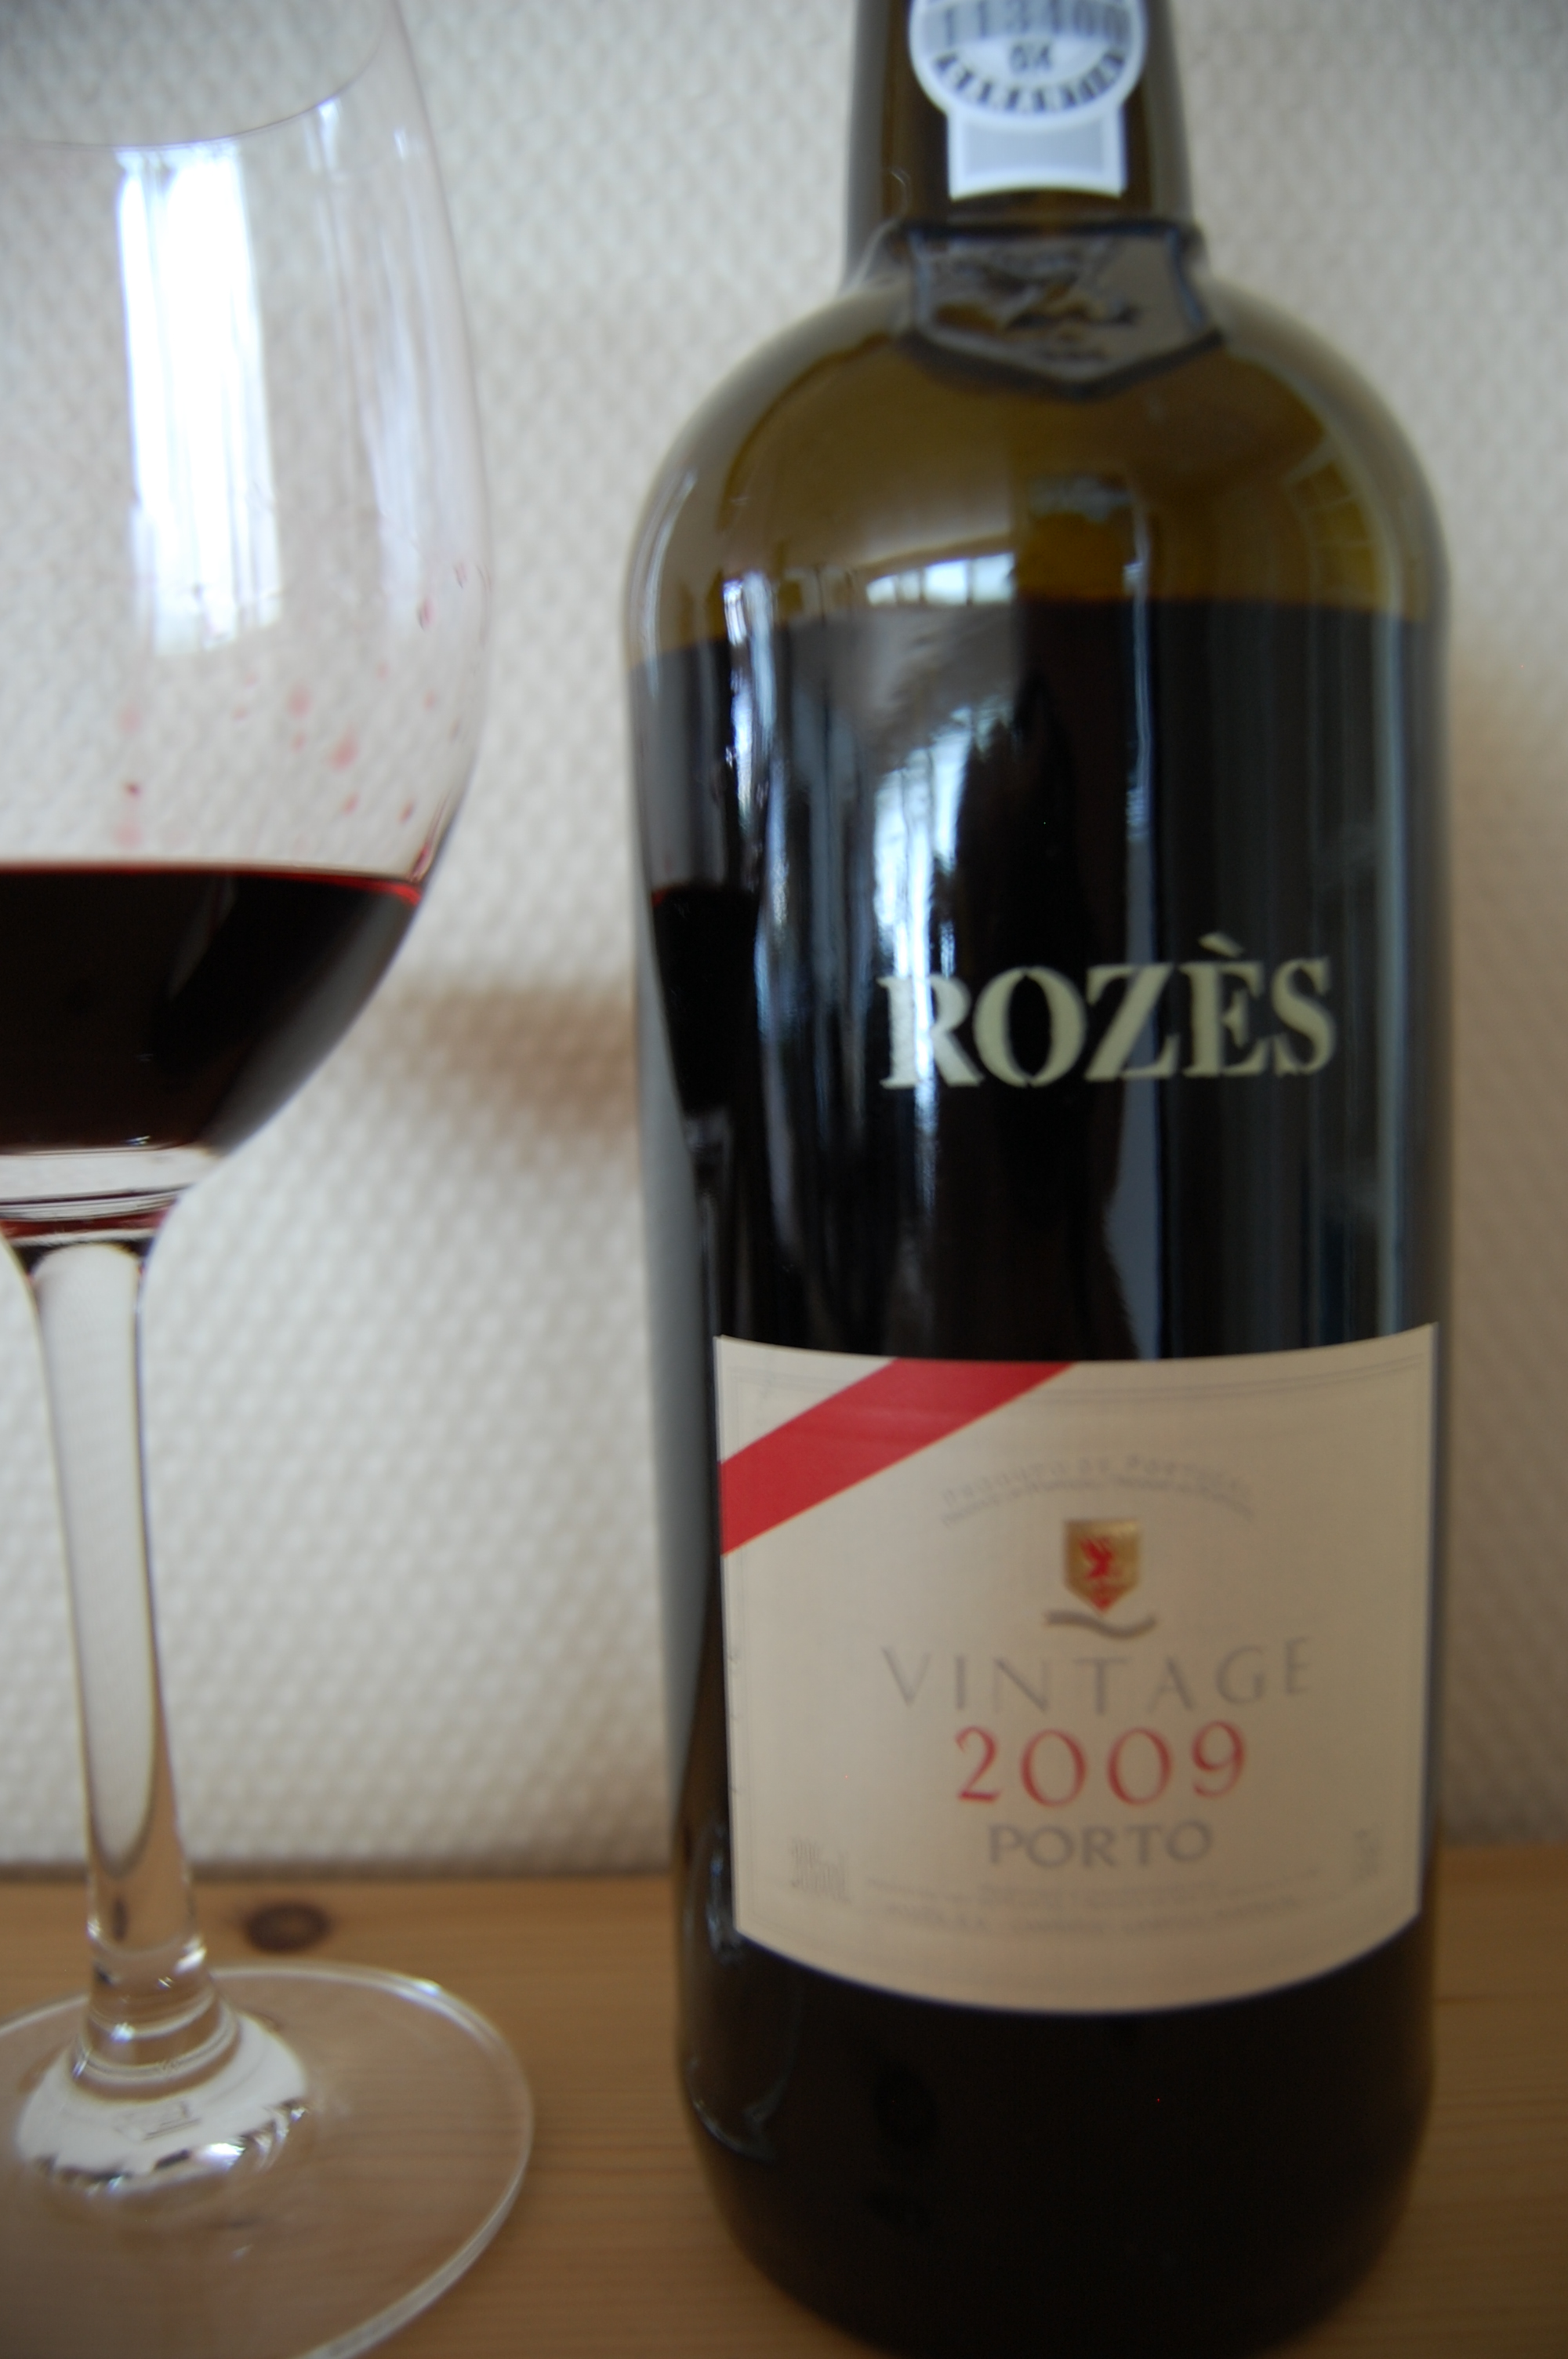 Rozes vintage 09